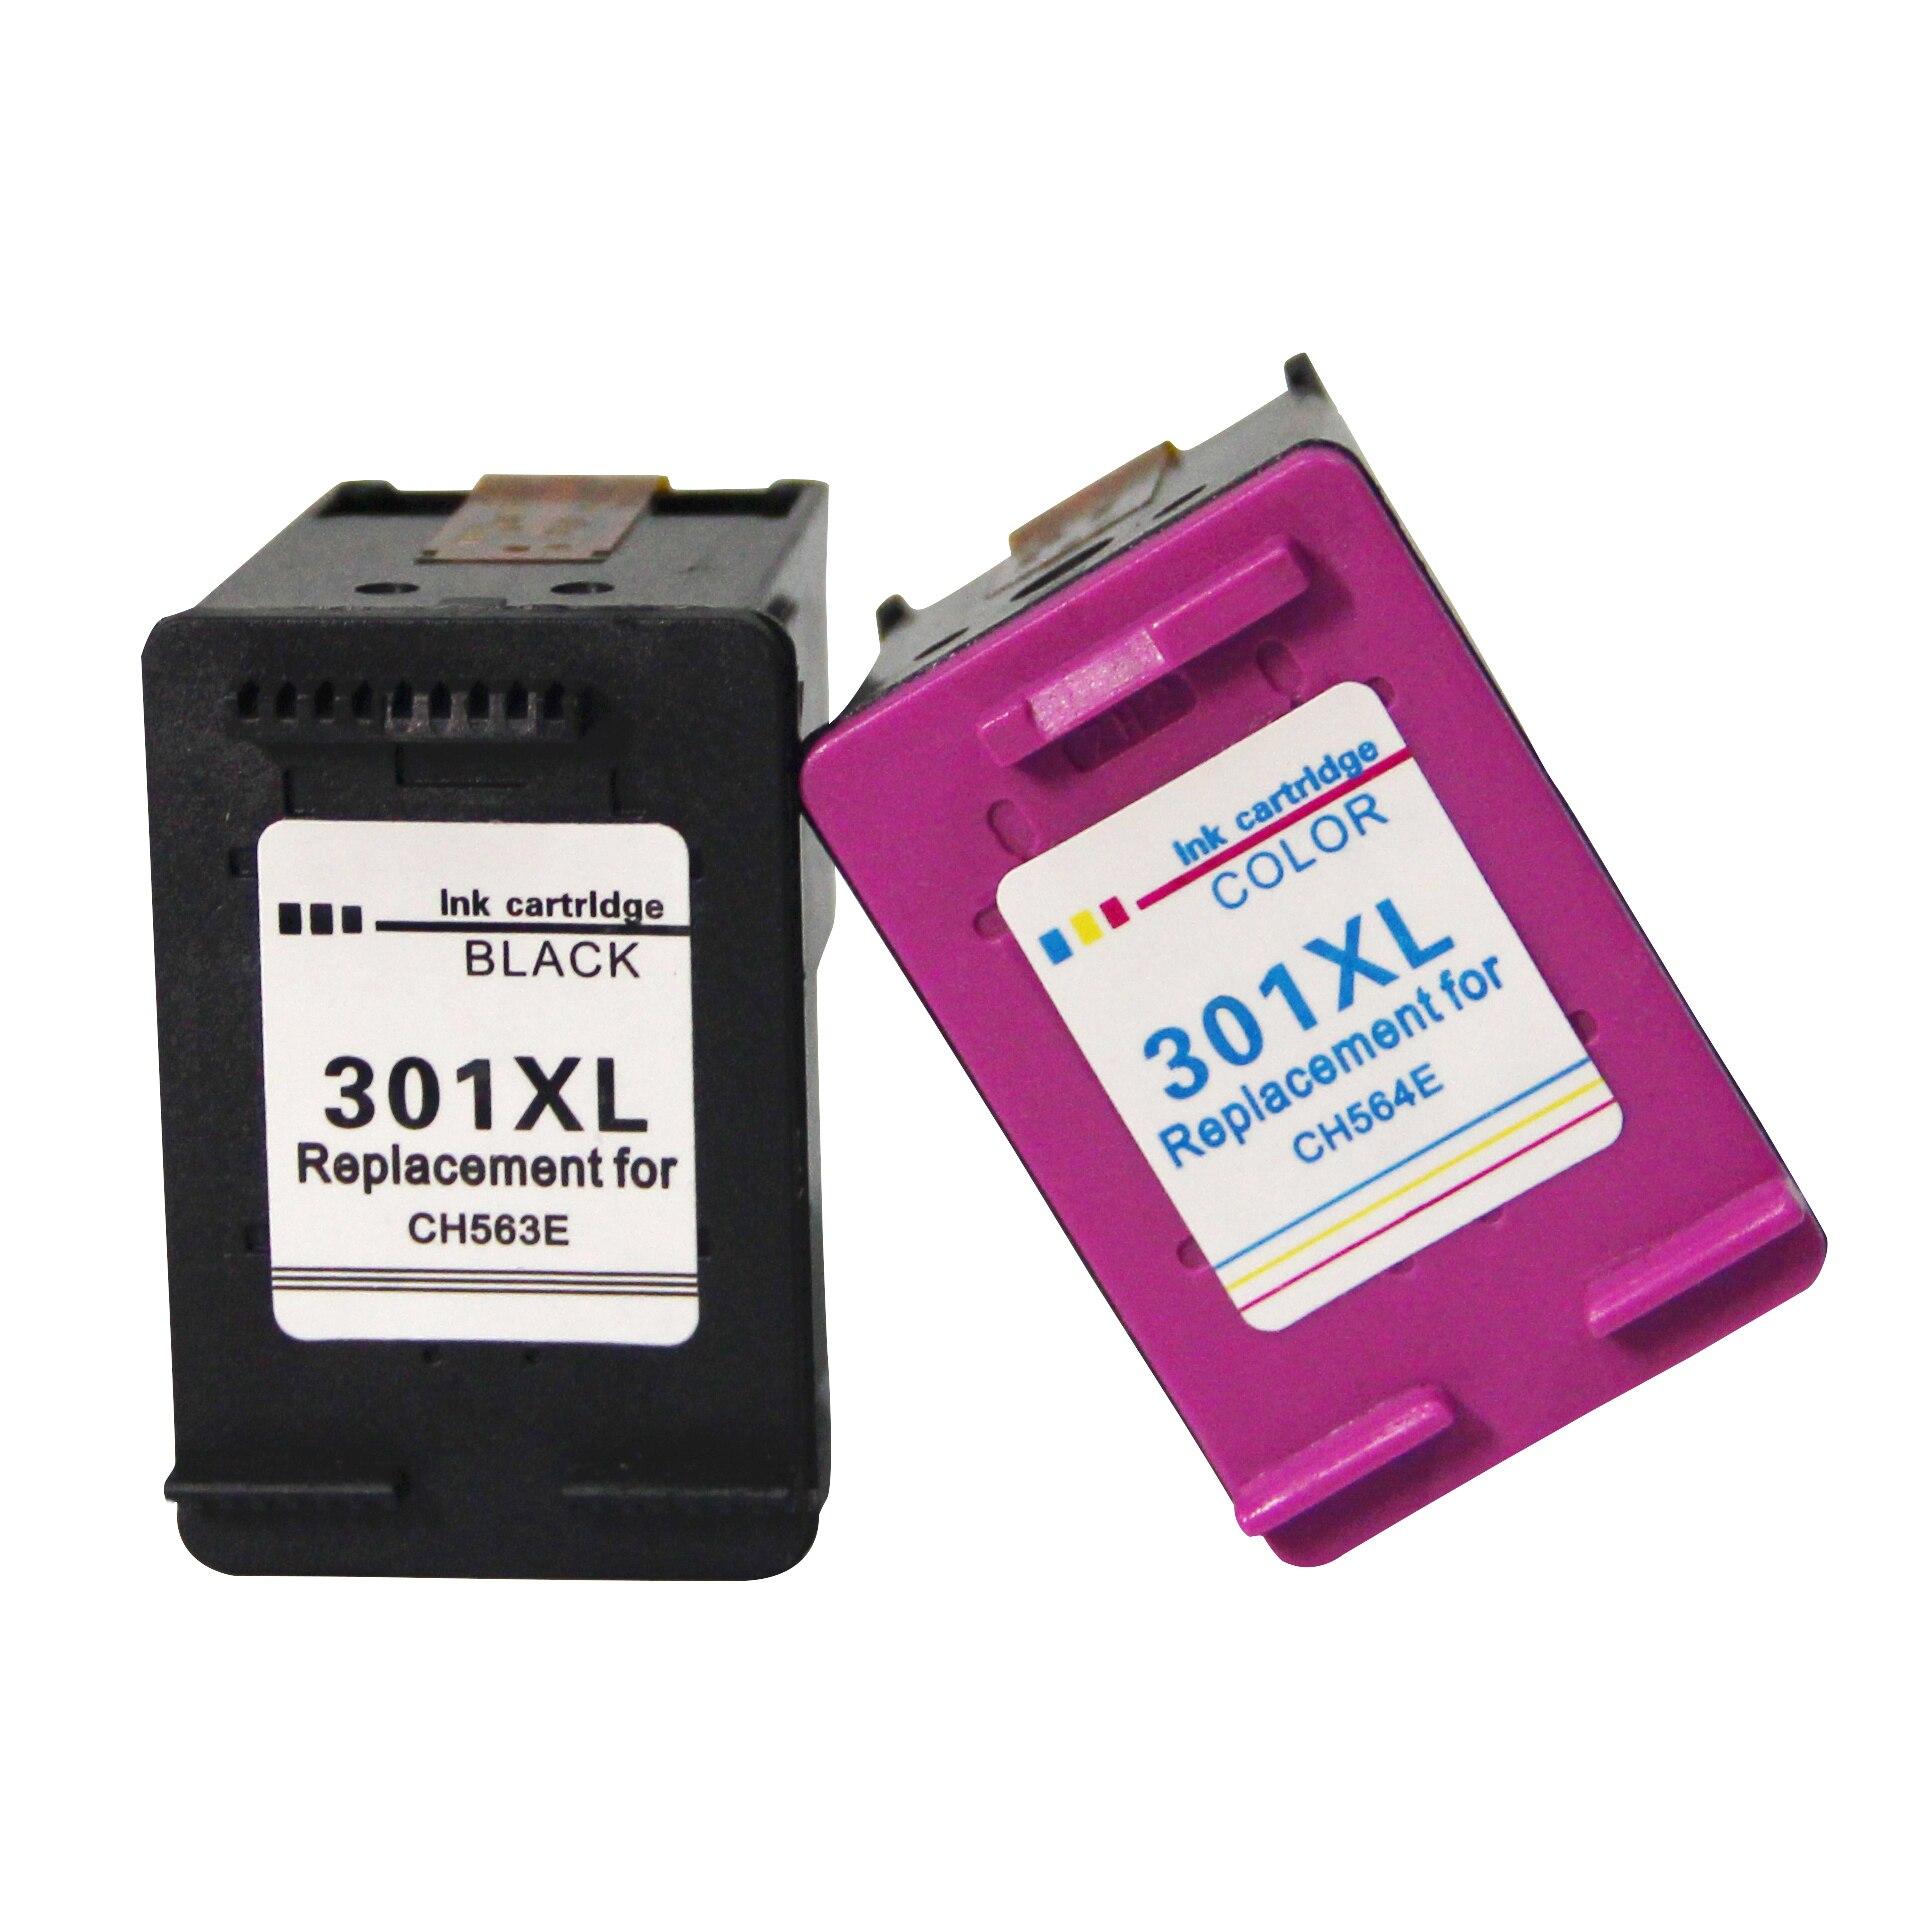 Gereviseerde 301XL Inkt Cartridges Voor Hp 301 Voor Hp Deskjet 1000 1050 2000 2050 2050S 2510 3510 3050 3050a printers